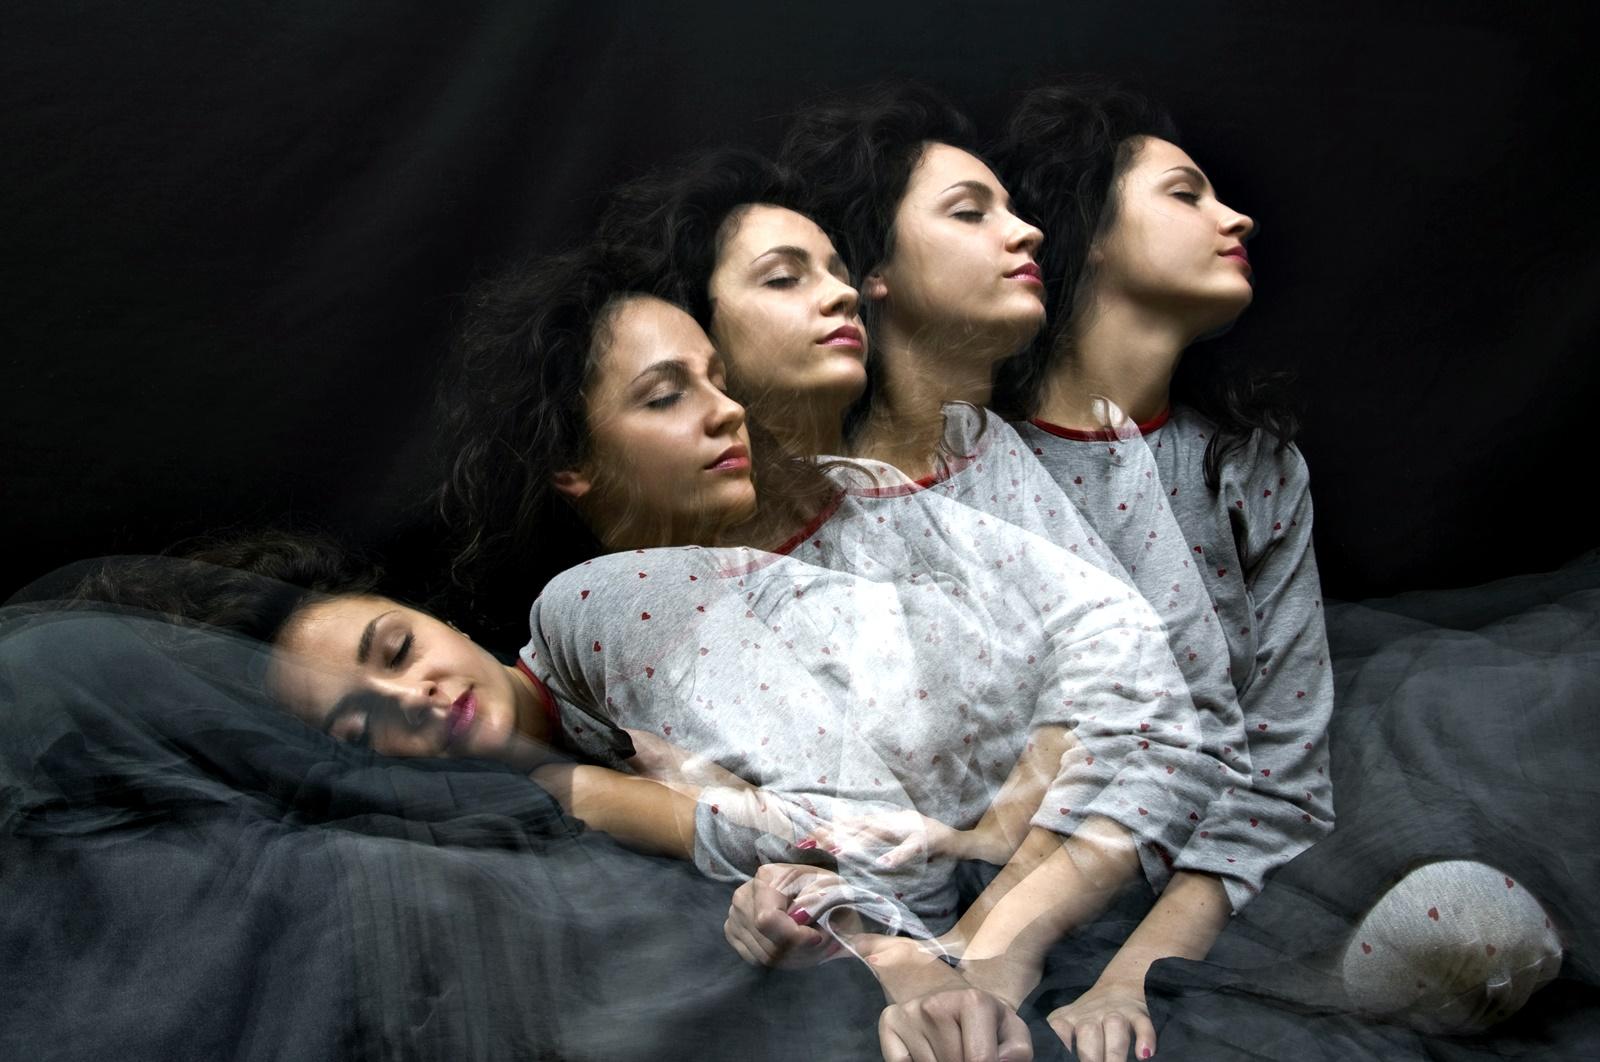 Мит 4: Не трябва да будим ходещите насън<br /> Около 7% от населението на Земята ходи насън, но науката все още не може да изясни в какво се корени сомнамбулизмът. Идеята, че не трябва да будим сомнамбулите се заражда още от древни времена, когато хората са вярвали, че докато спим, душата напуска тялото ни. Затова, ако събудим ходещ насън, той би останал без душа. С времето последствията от това, да събудим сомнамбул са се изменили и днес се вярва, че това може да им докара сърдечен удар или да ги подлуди. Учени, изследващи съня, смятат, че да събиудите човек, ходещ насън не би му навредило, но със сигурност най-доброто за него би било да го откарате обратно в леглото му, защото може да се нарани.